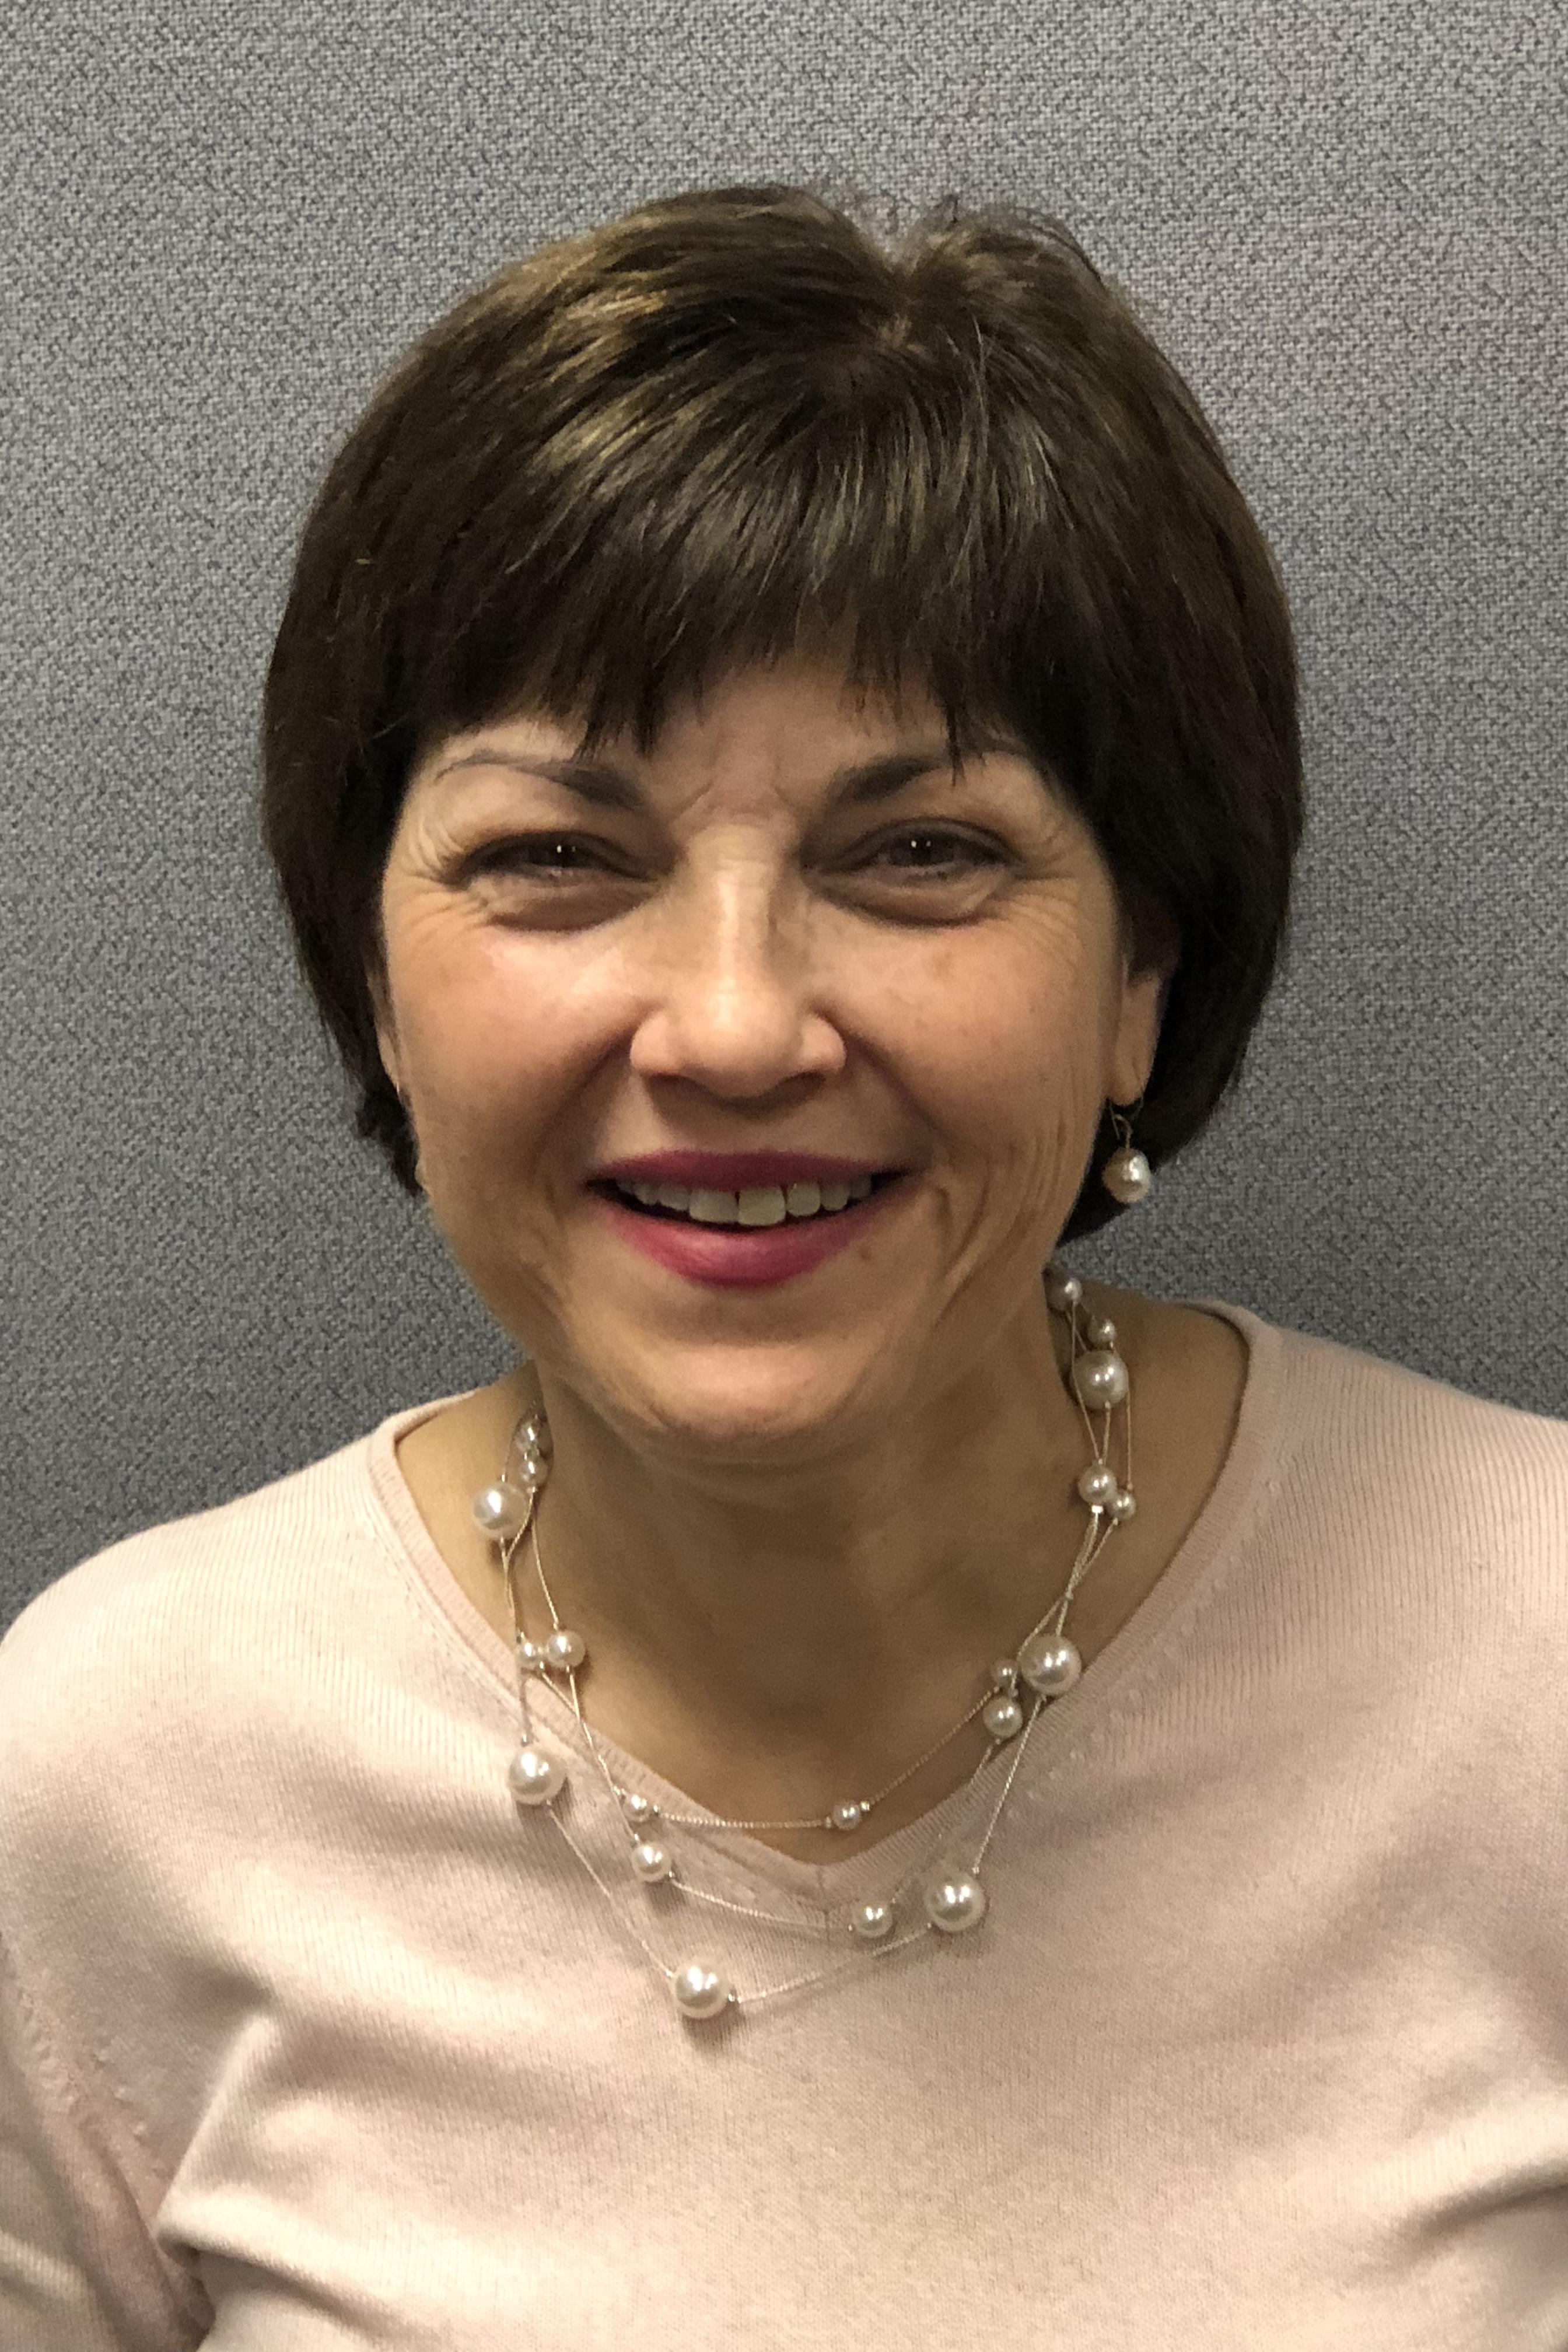 Corinne Porazzo